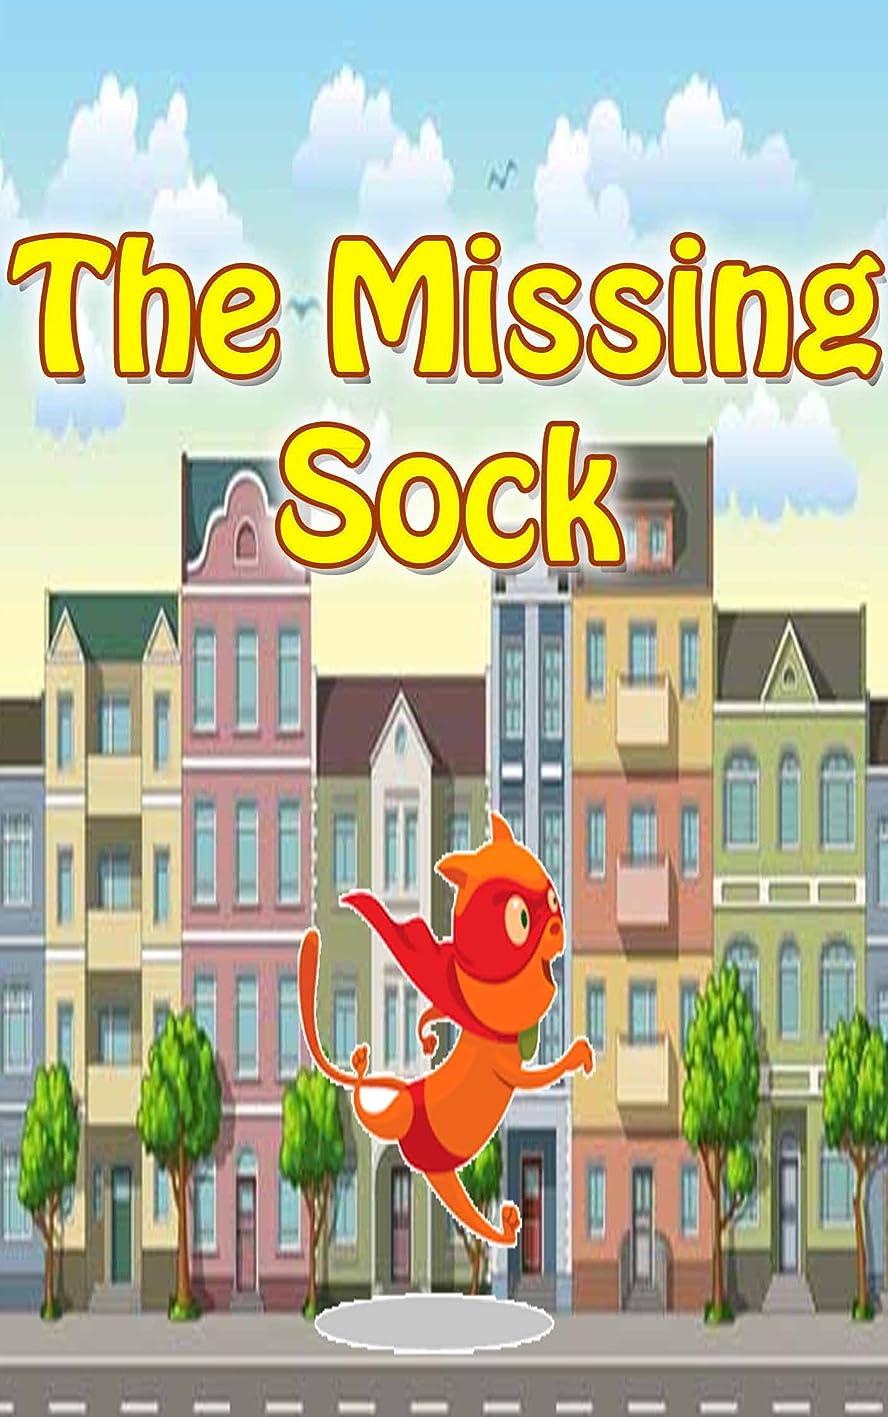 苦発掘する弱点The Missing Sock  | top kid books: Bedtime story for kids ages 1-7 : funny kid story (English Edition)